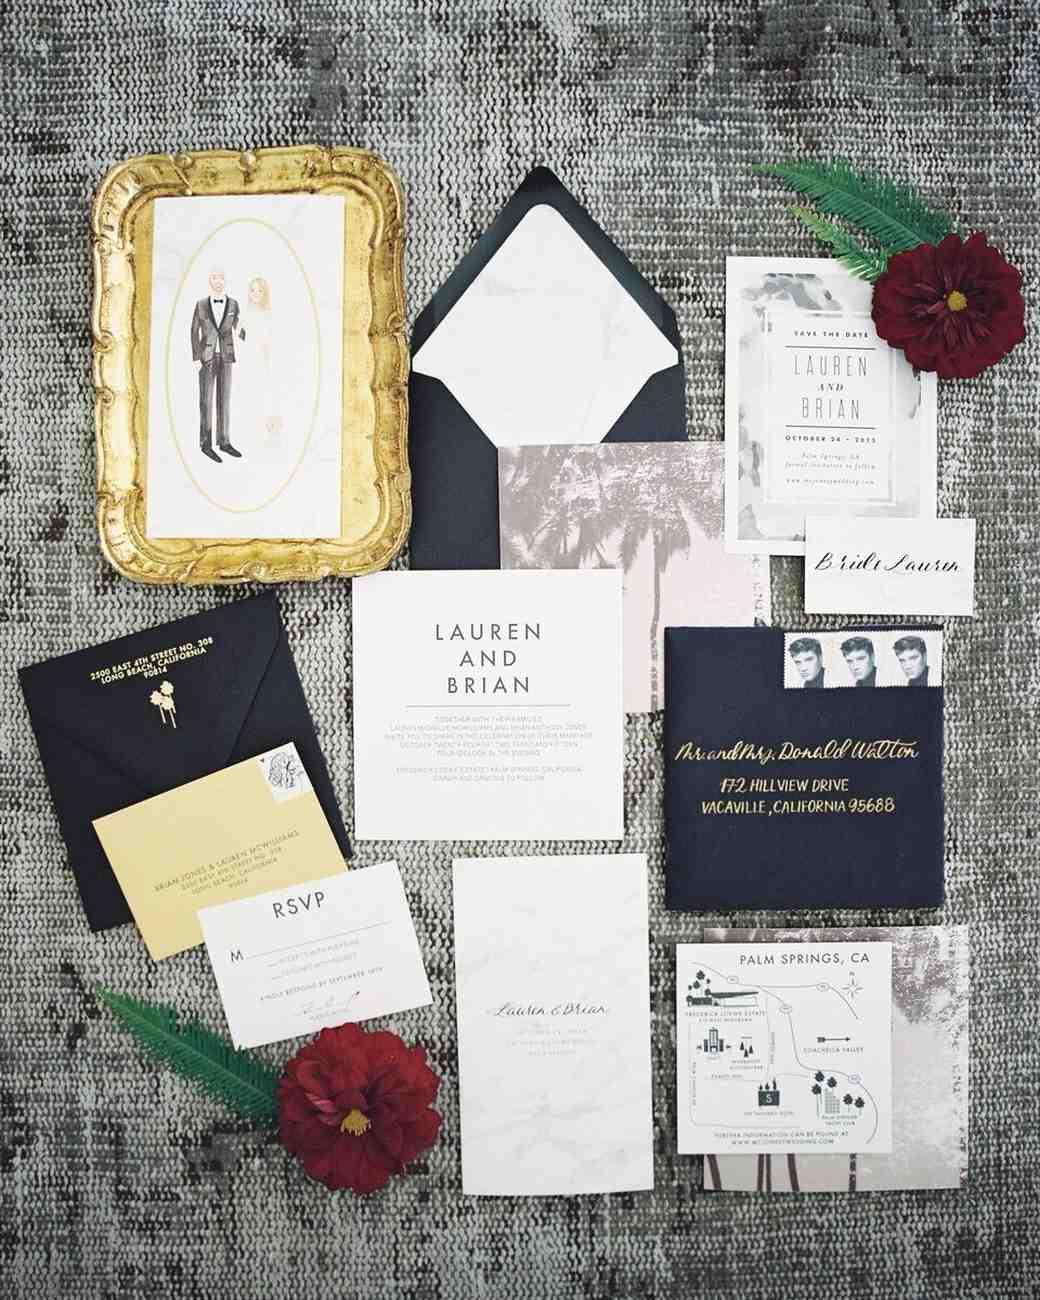 37 Fall Wedding Invitations from Real Weddings Martha Stewart Weddings